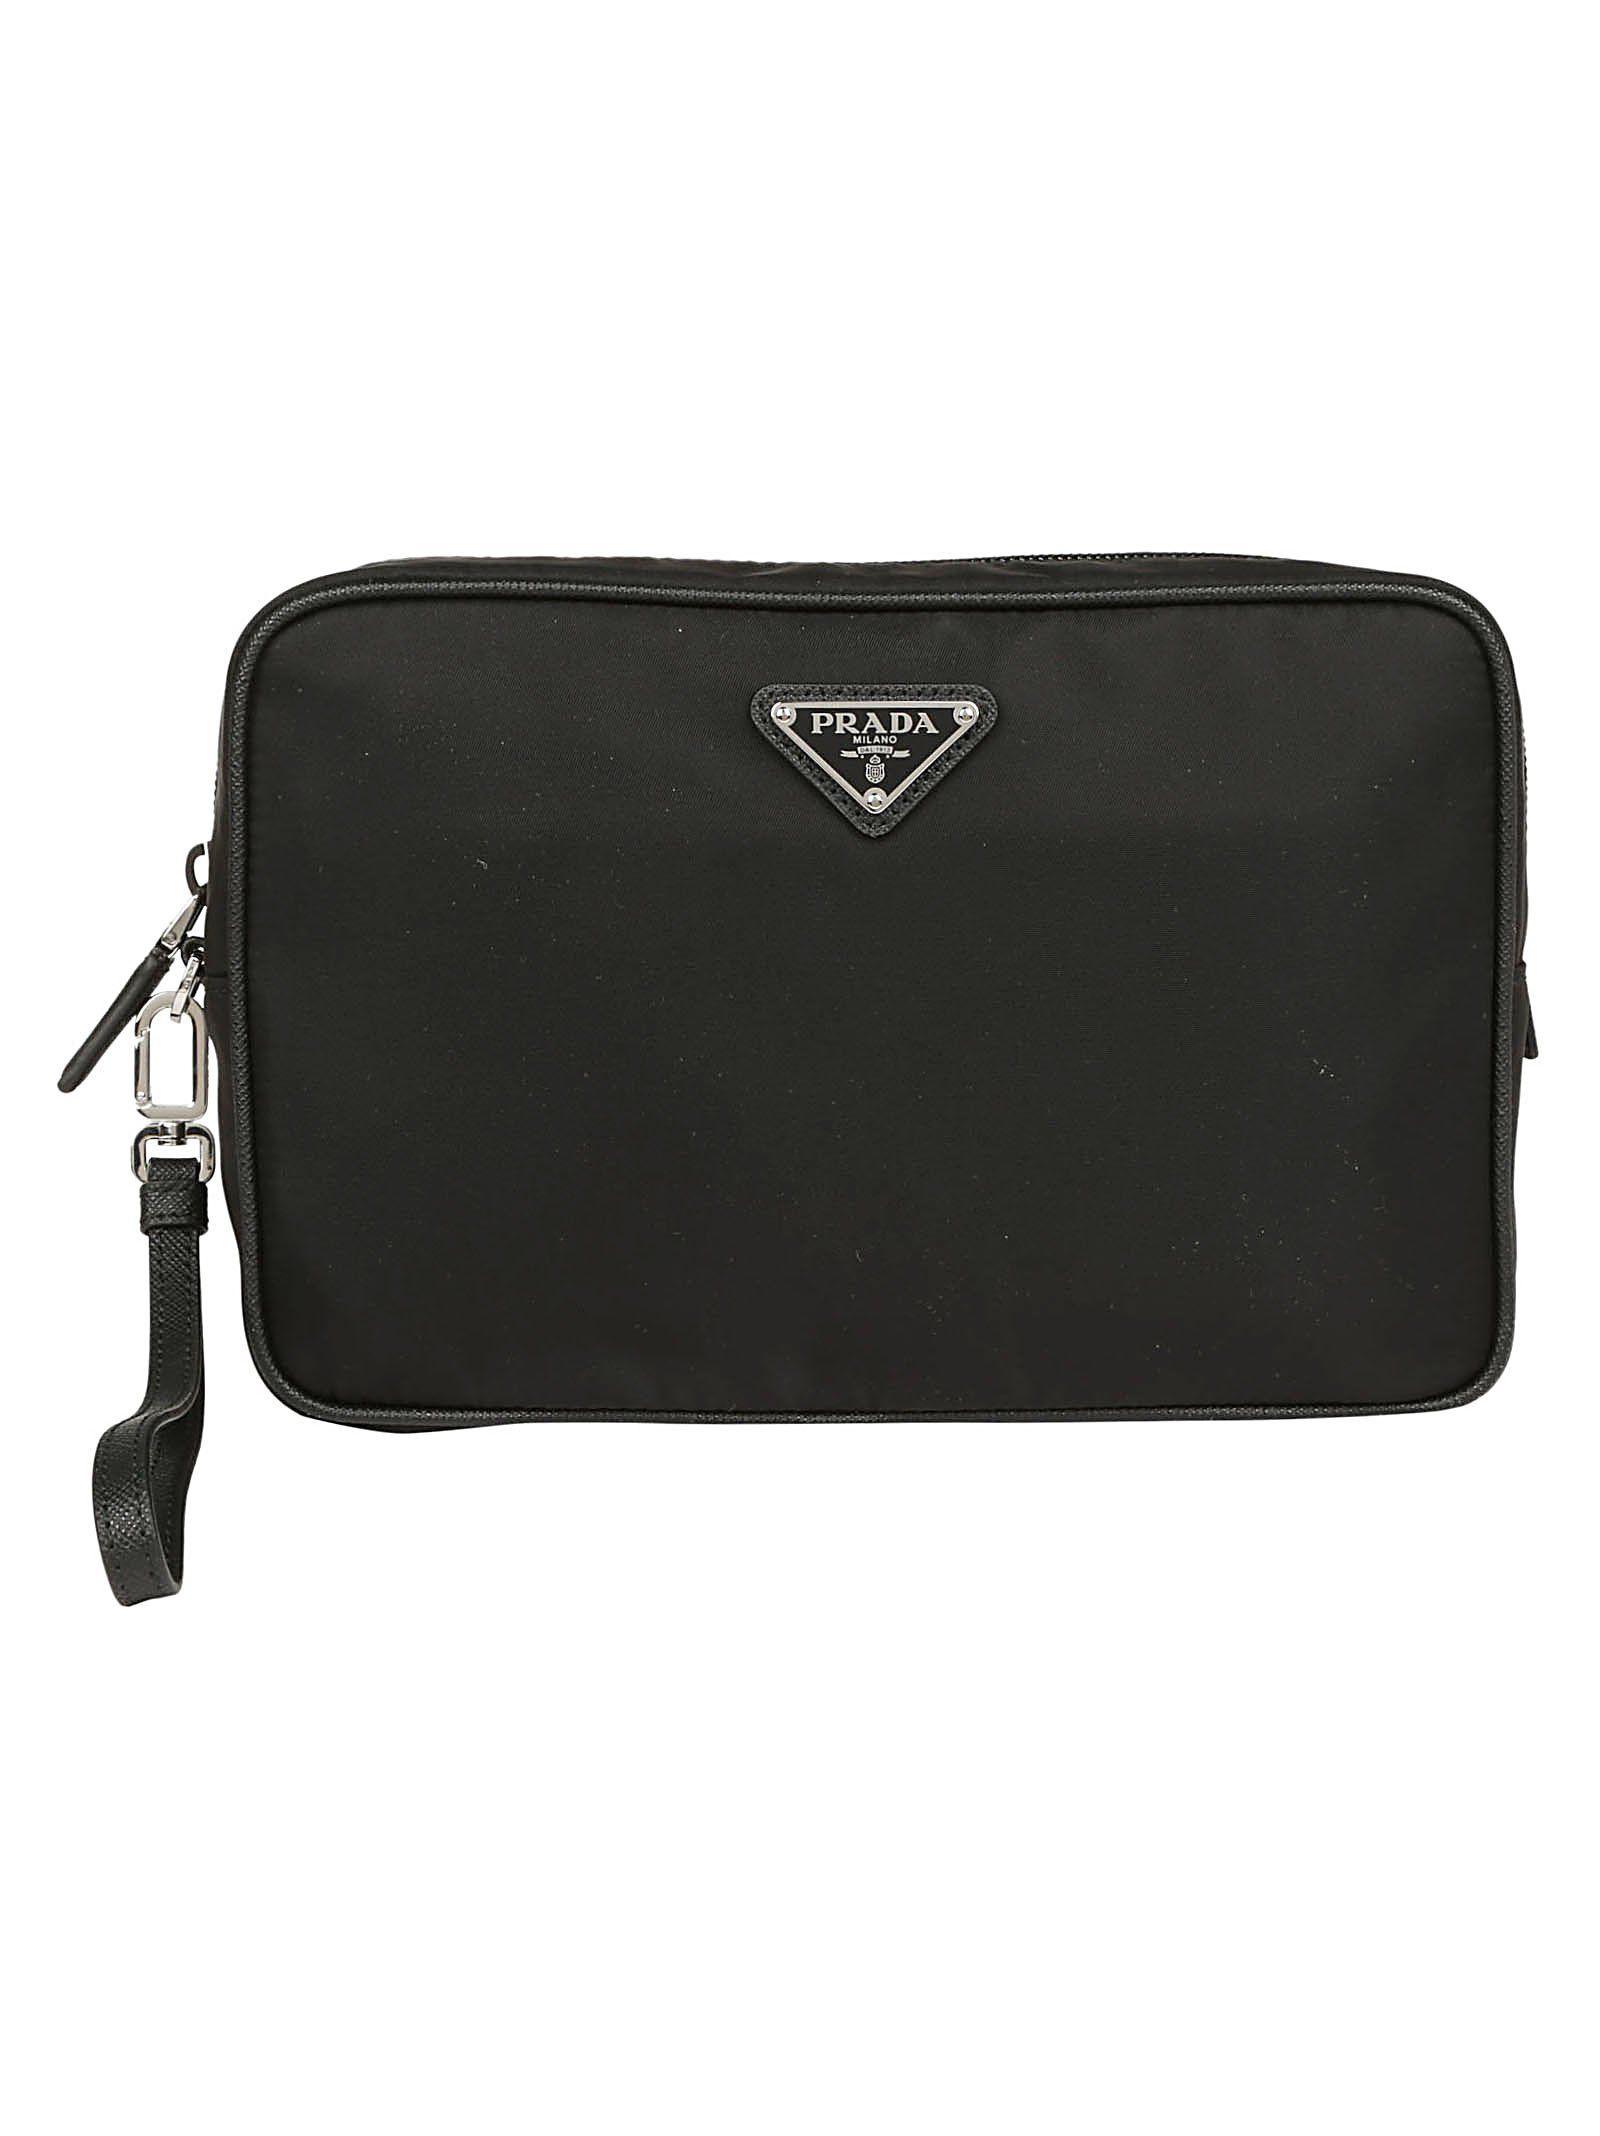 PRADA PRADA BEAUTY LOGO PLAQUE TOILETRY BAG.  prada  bags  leather ... 3ec5b1d253